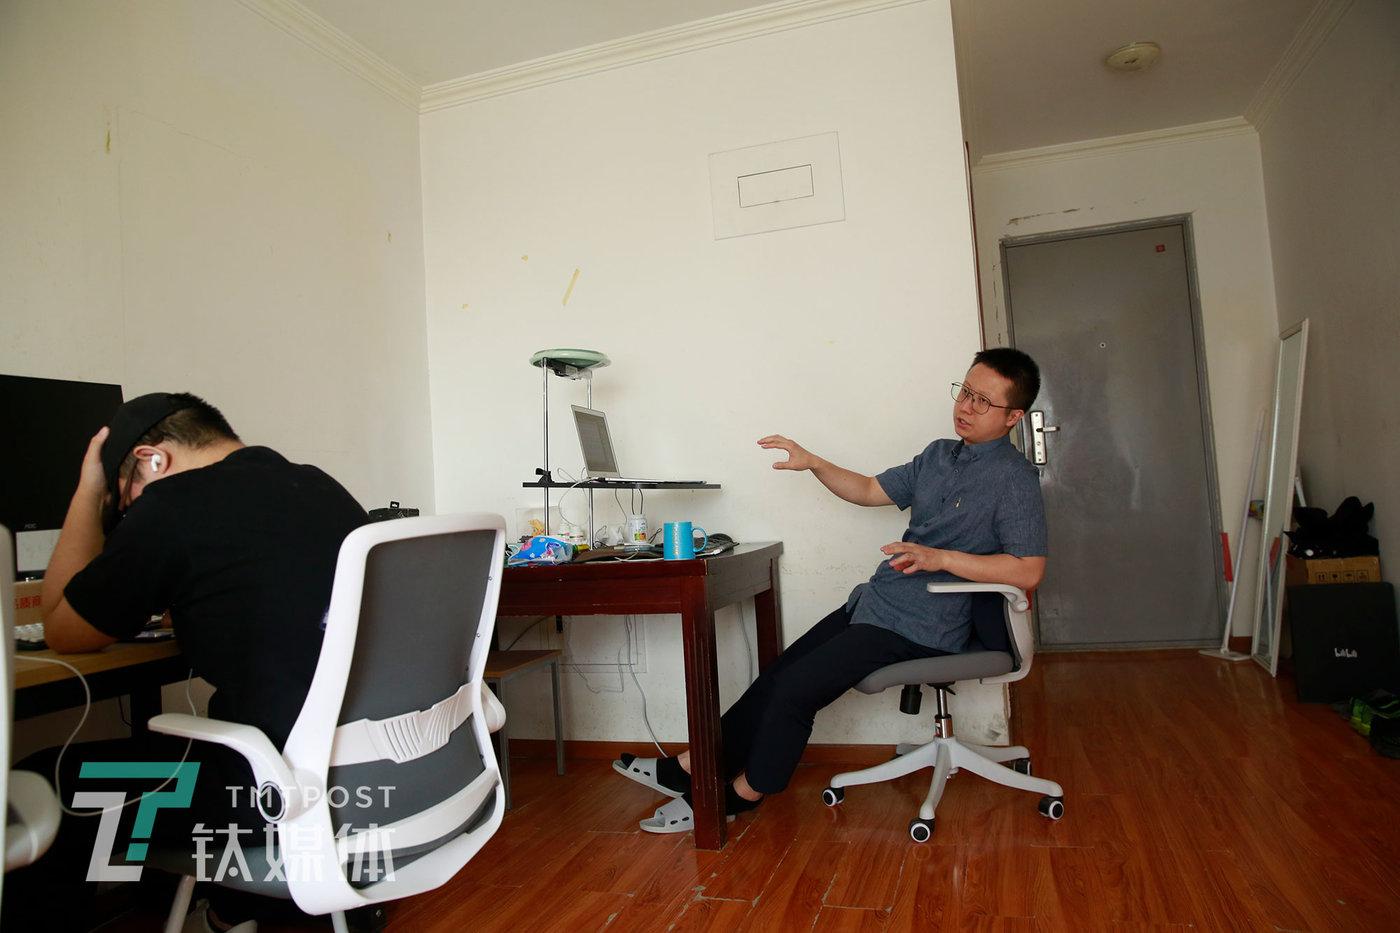 师烨东和团队成员讨论视频选题。